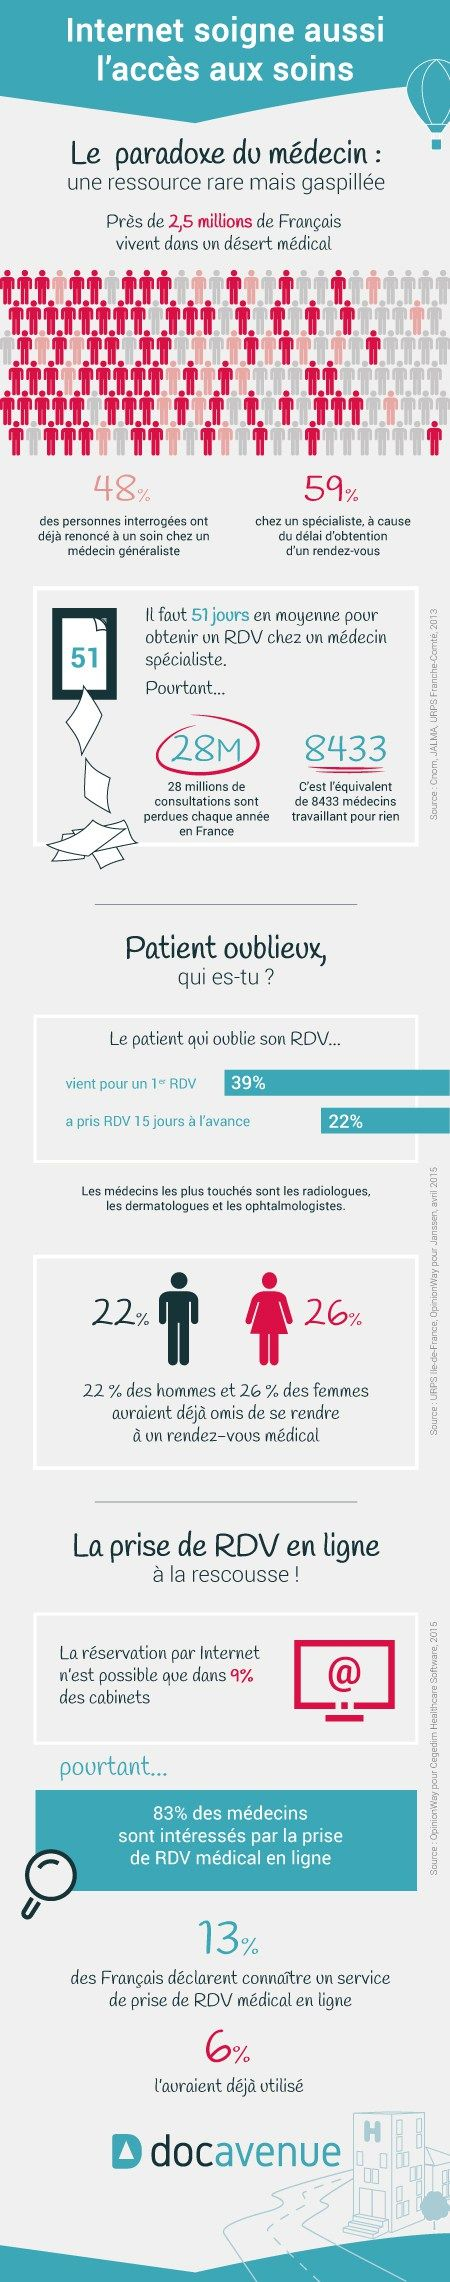 Infographie e-santé